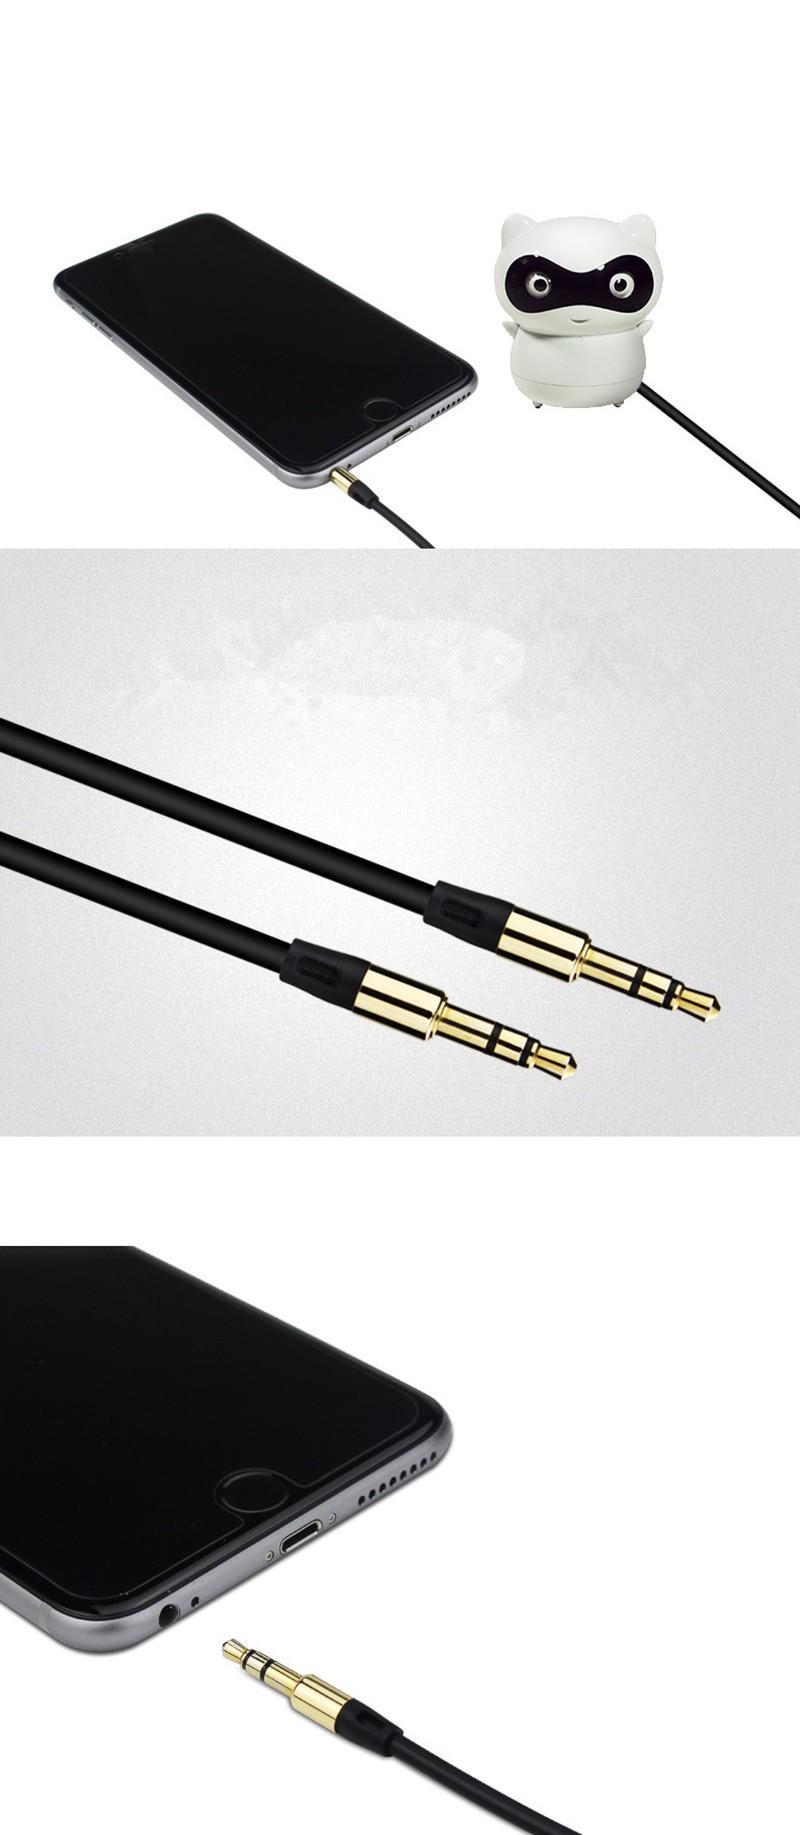 Großhandel Kabel für Auto iPhone Samsung MP3 MP4 Kopfhörer ...